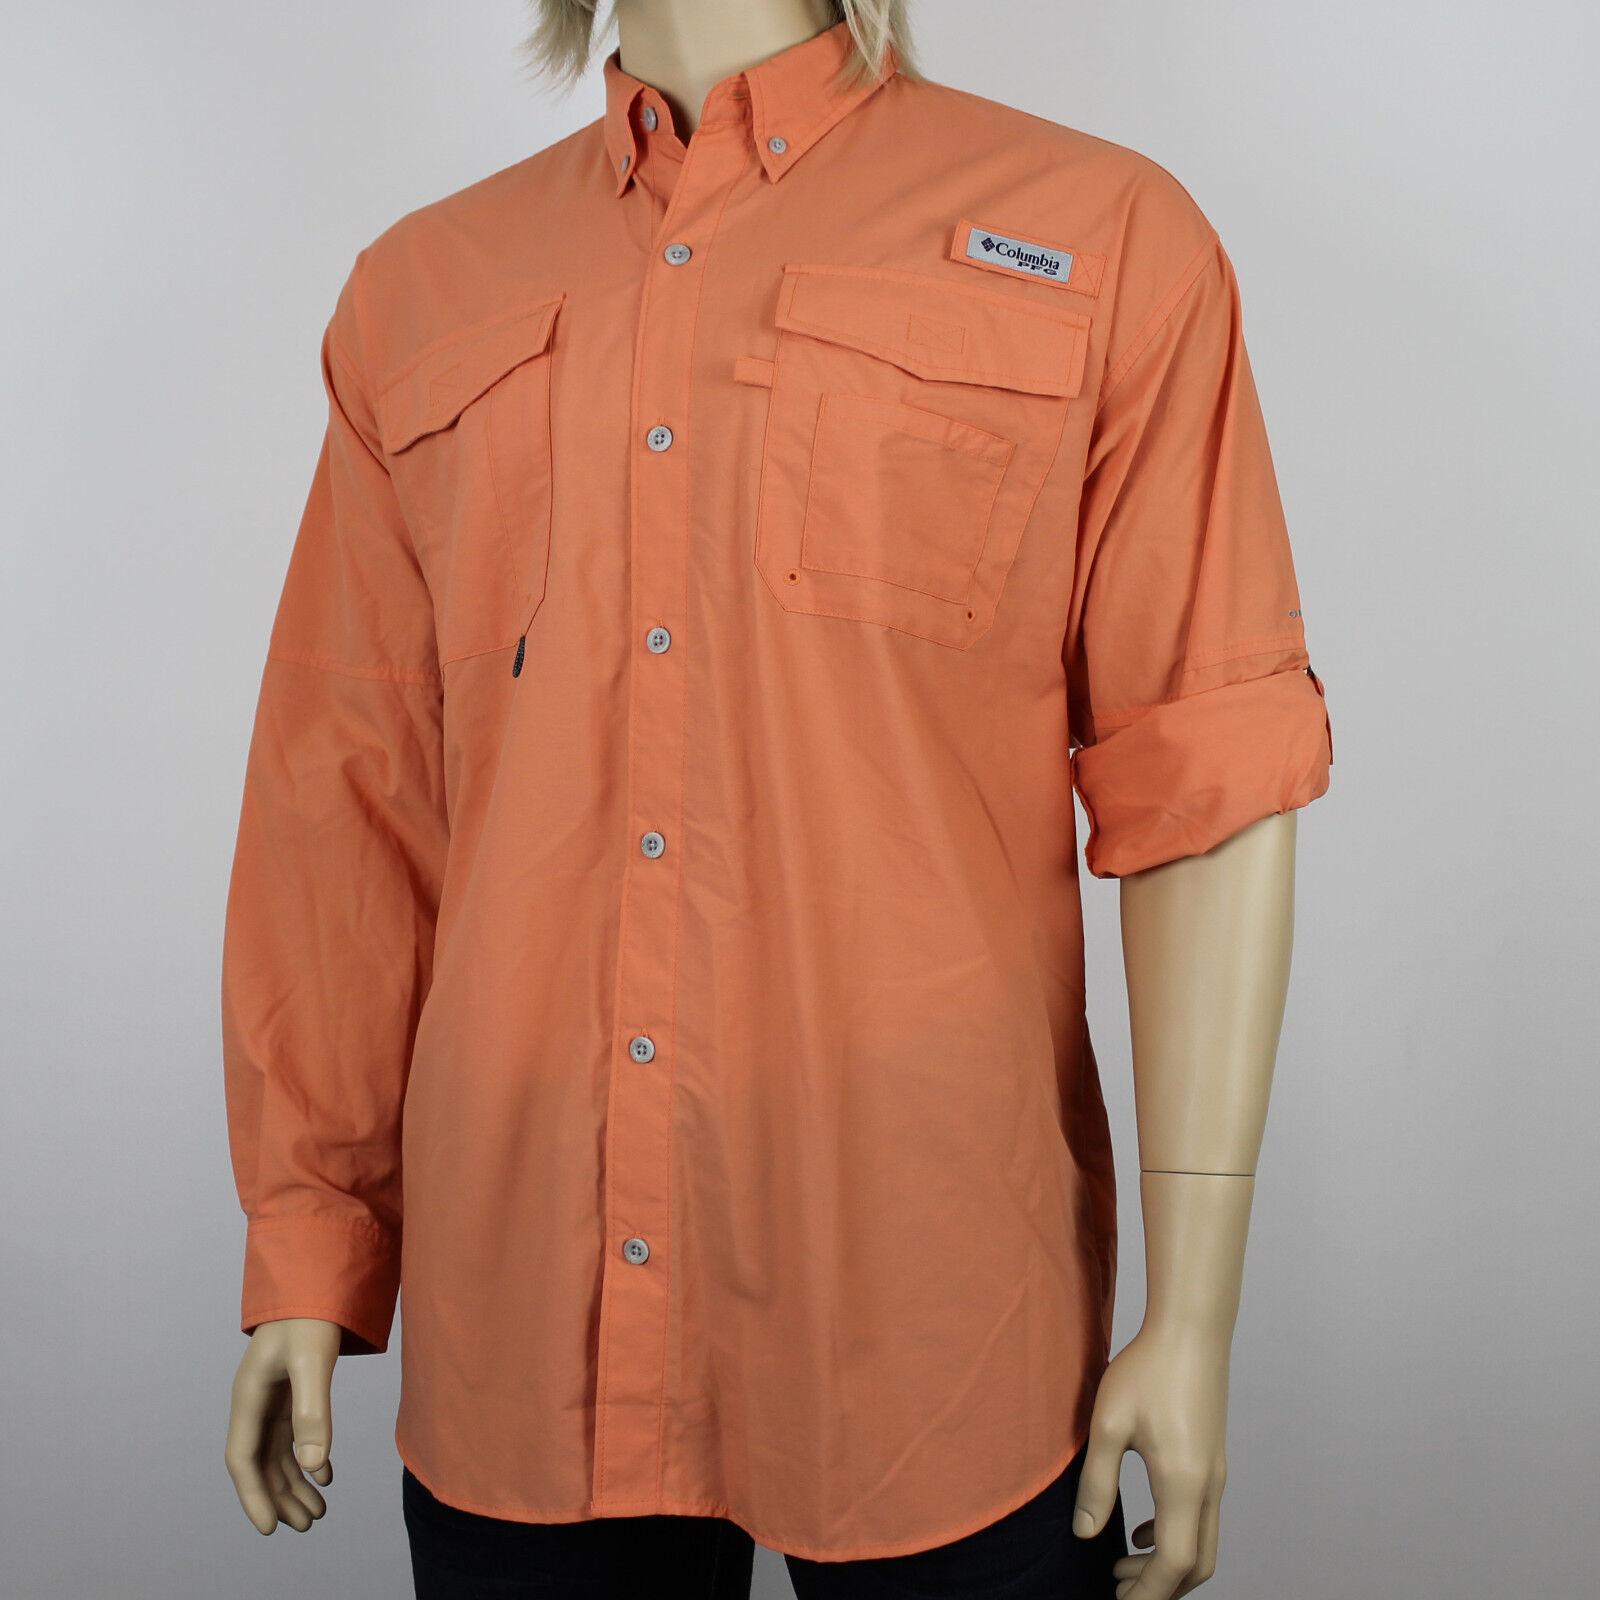 25543e251c4e1c New Mens Columbia Bahama II. Fishing Sleeve Shirt Long PFG  nxnqqk3158-Casual Shirts   Tops